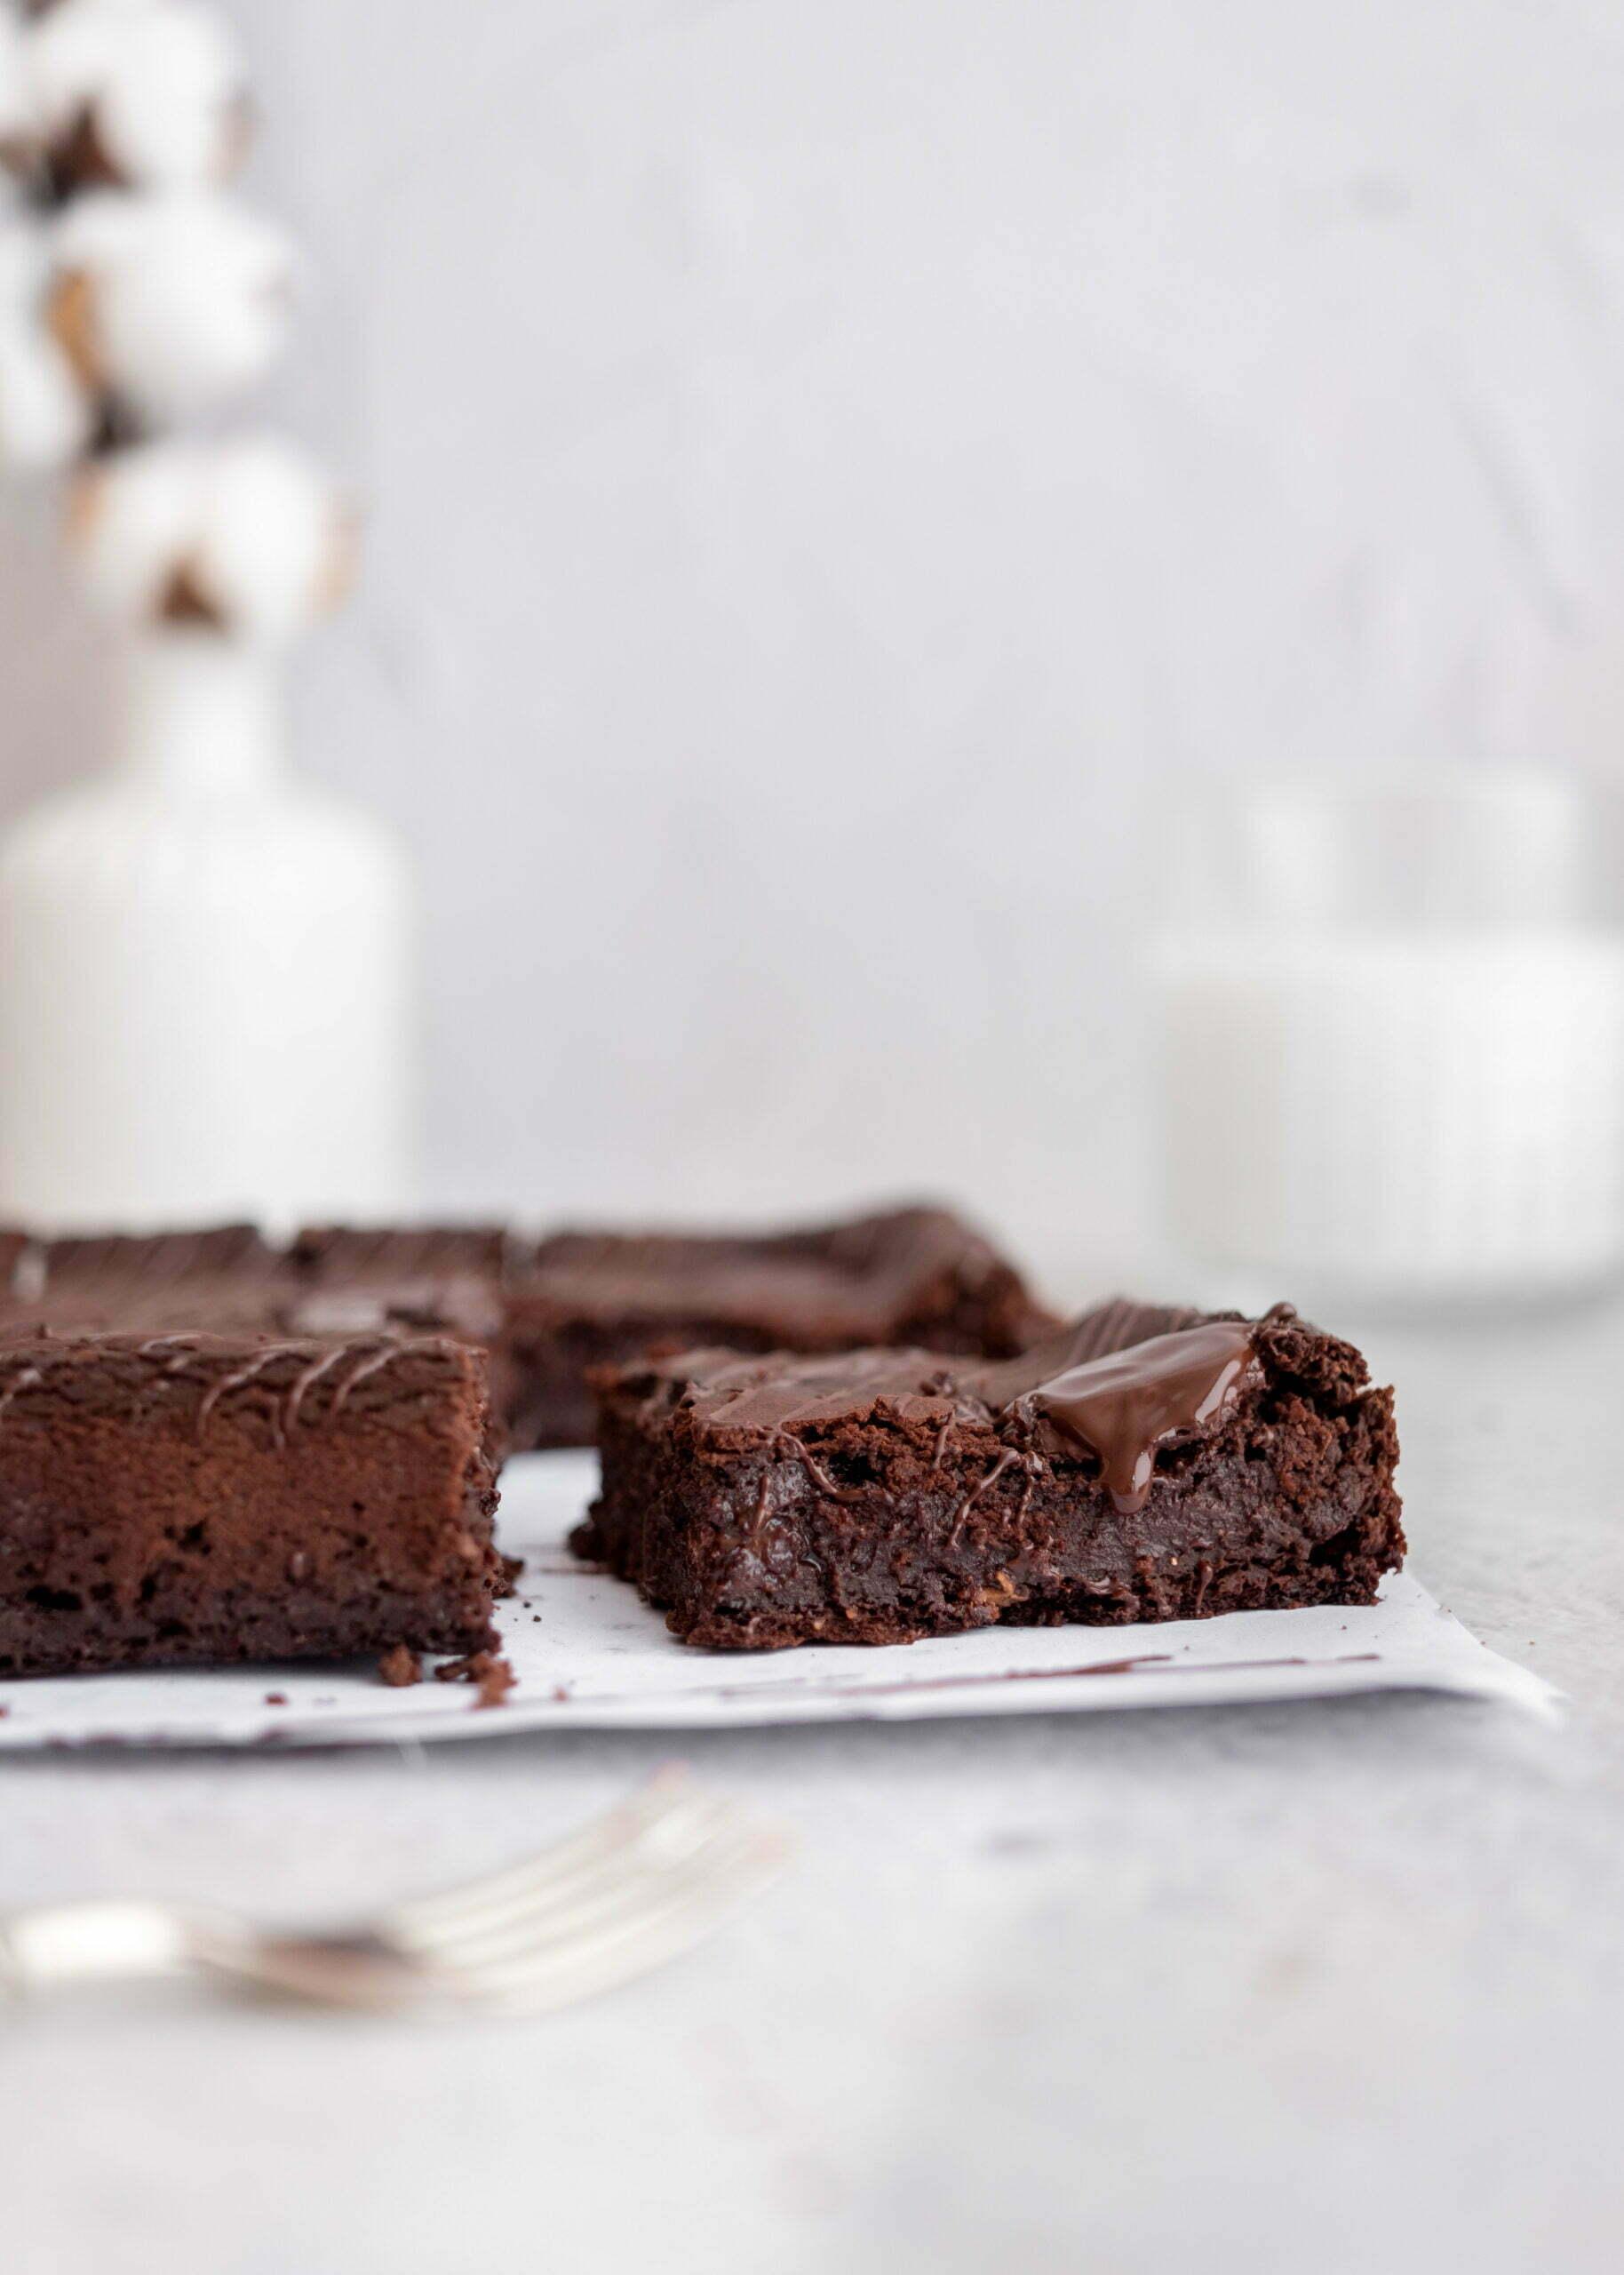 Nizkokalorični browniji brez moke in glutena